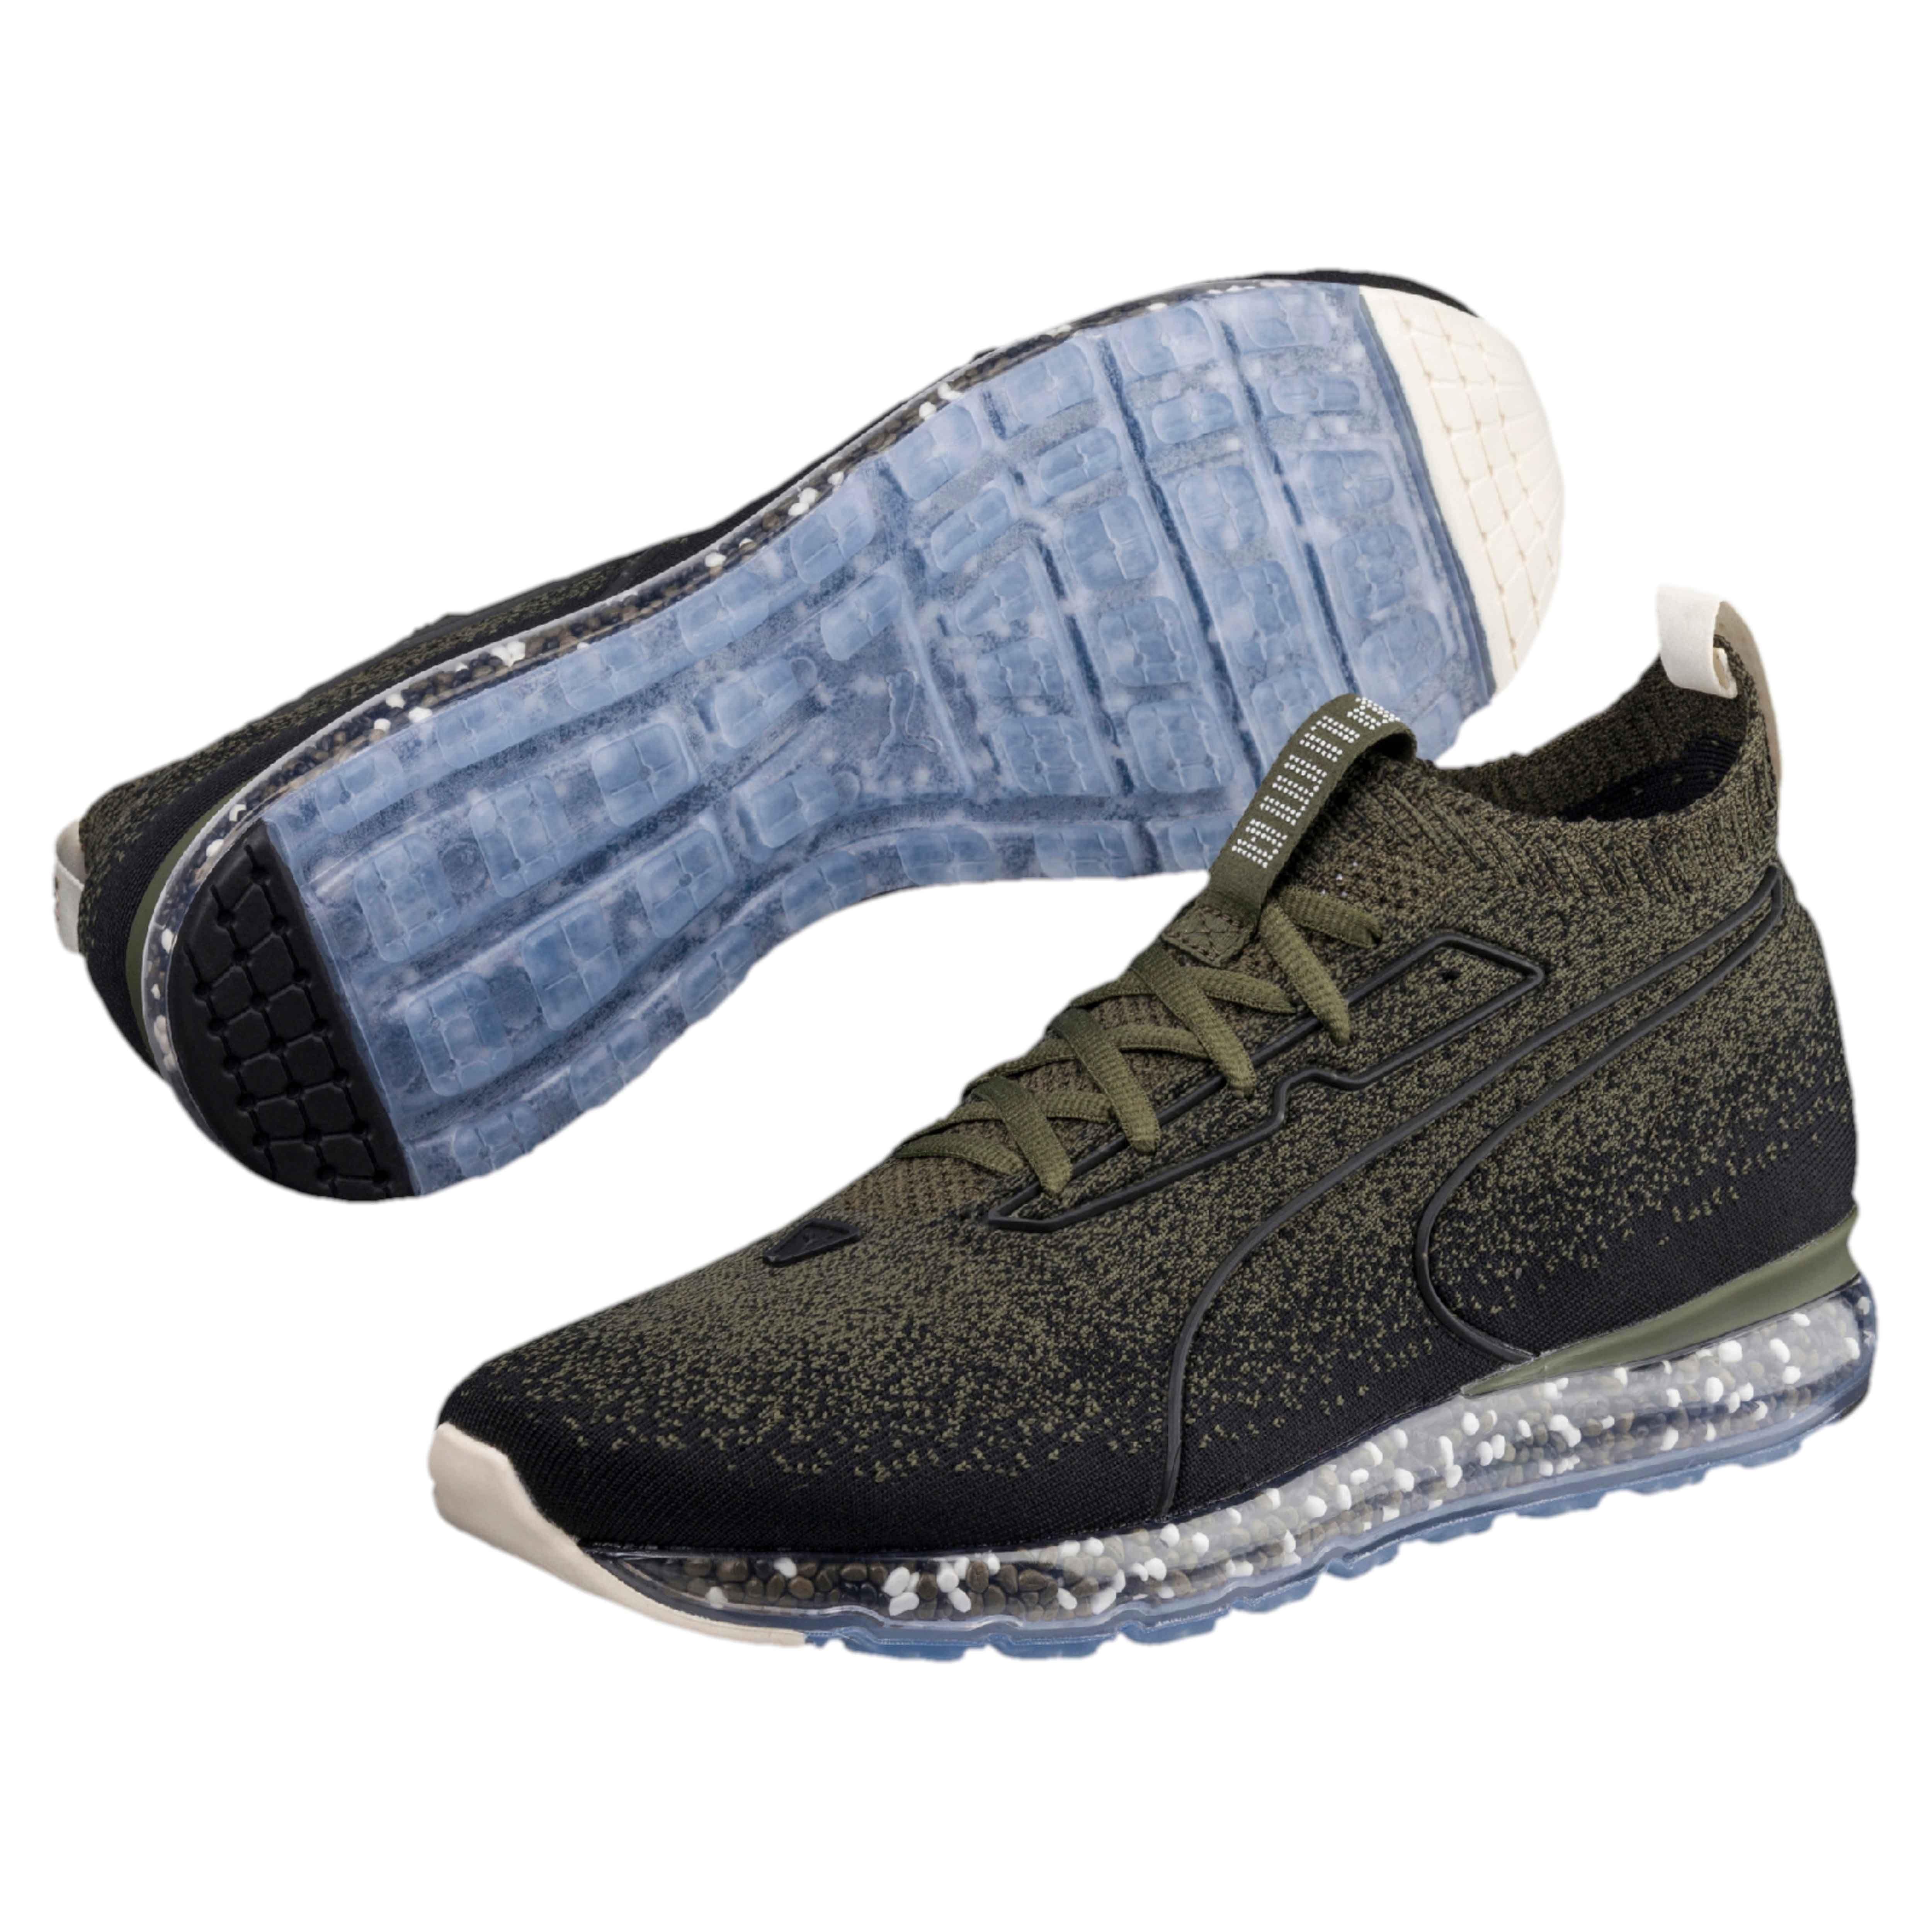 puma zapatillas hombre 2017